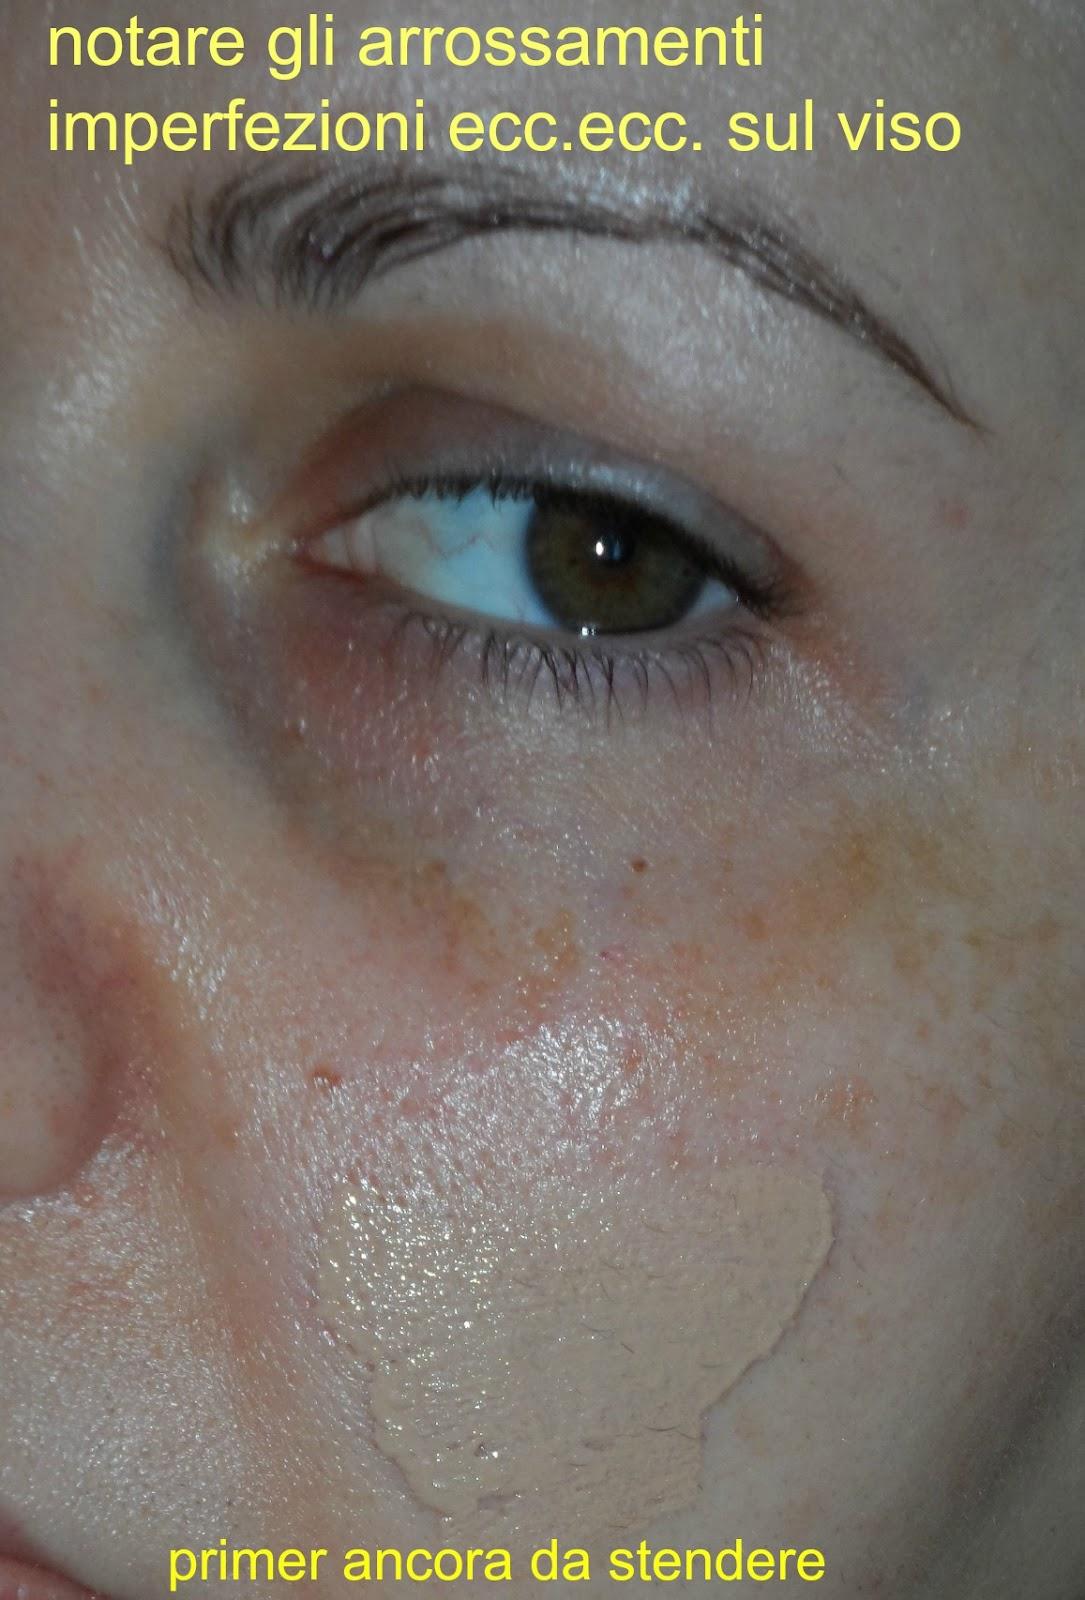 Comprare la crema di decolorazione per il corpo in una farmacia